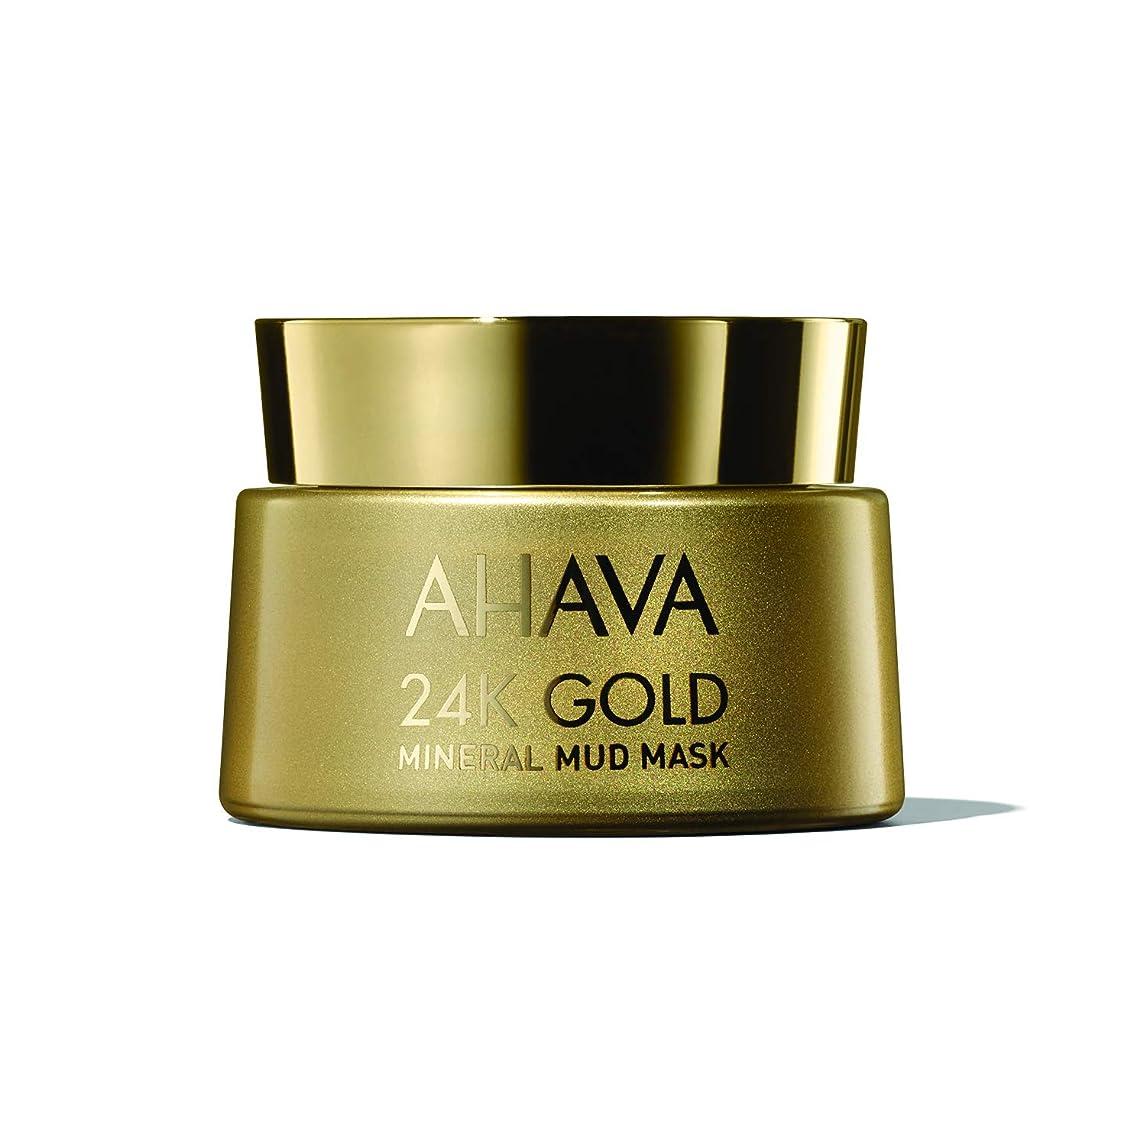 カエルドア盗難アハバ 24K Gold Mineral Mud Mask 50ml/1.7oz並行輸入品